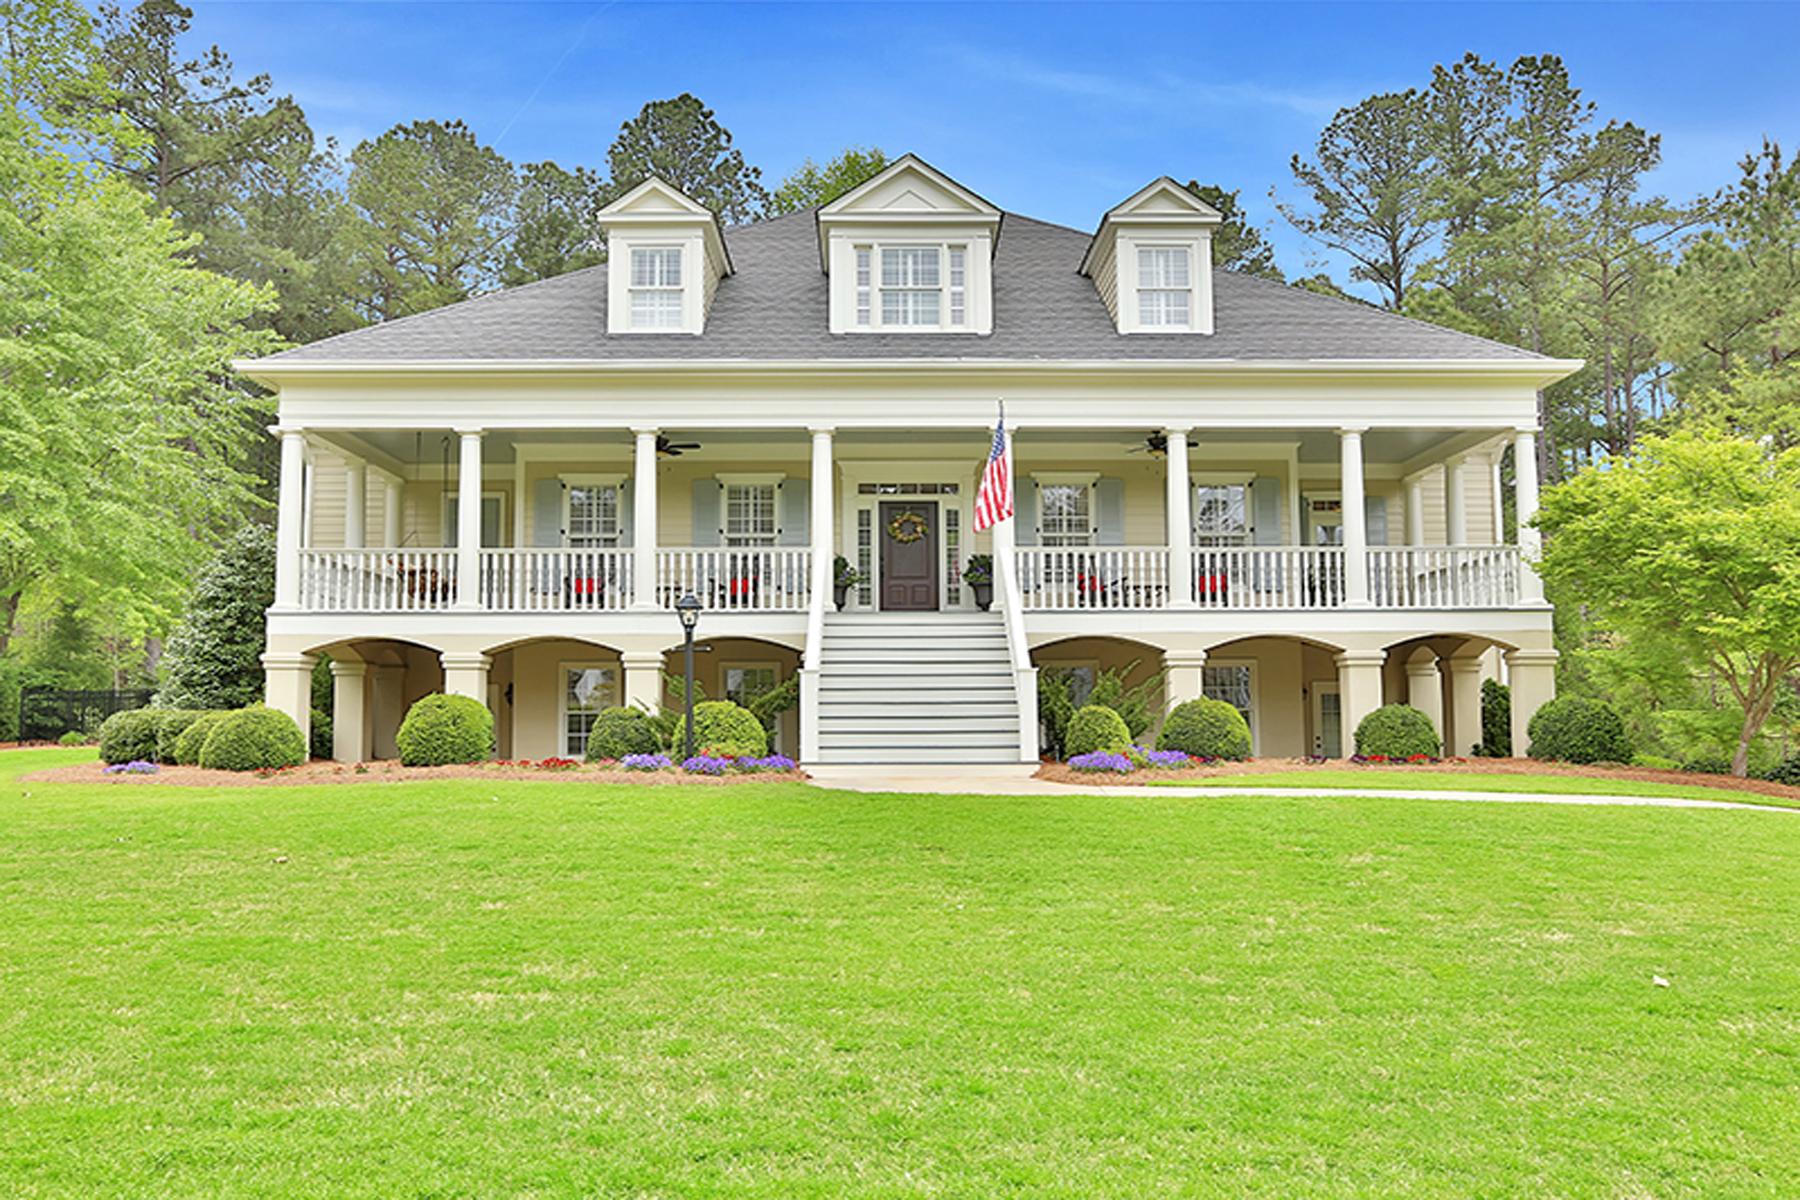 Maison unifamiliale pour l Vente à Stunning Highgrove Home With Brand New Pebble Tec Pool 160 Whitegate Drive Fayetteville, Georgia, 30215 États-Unis